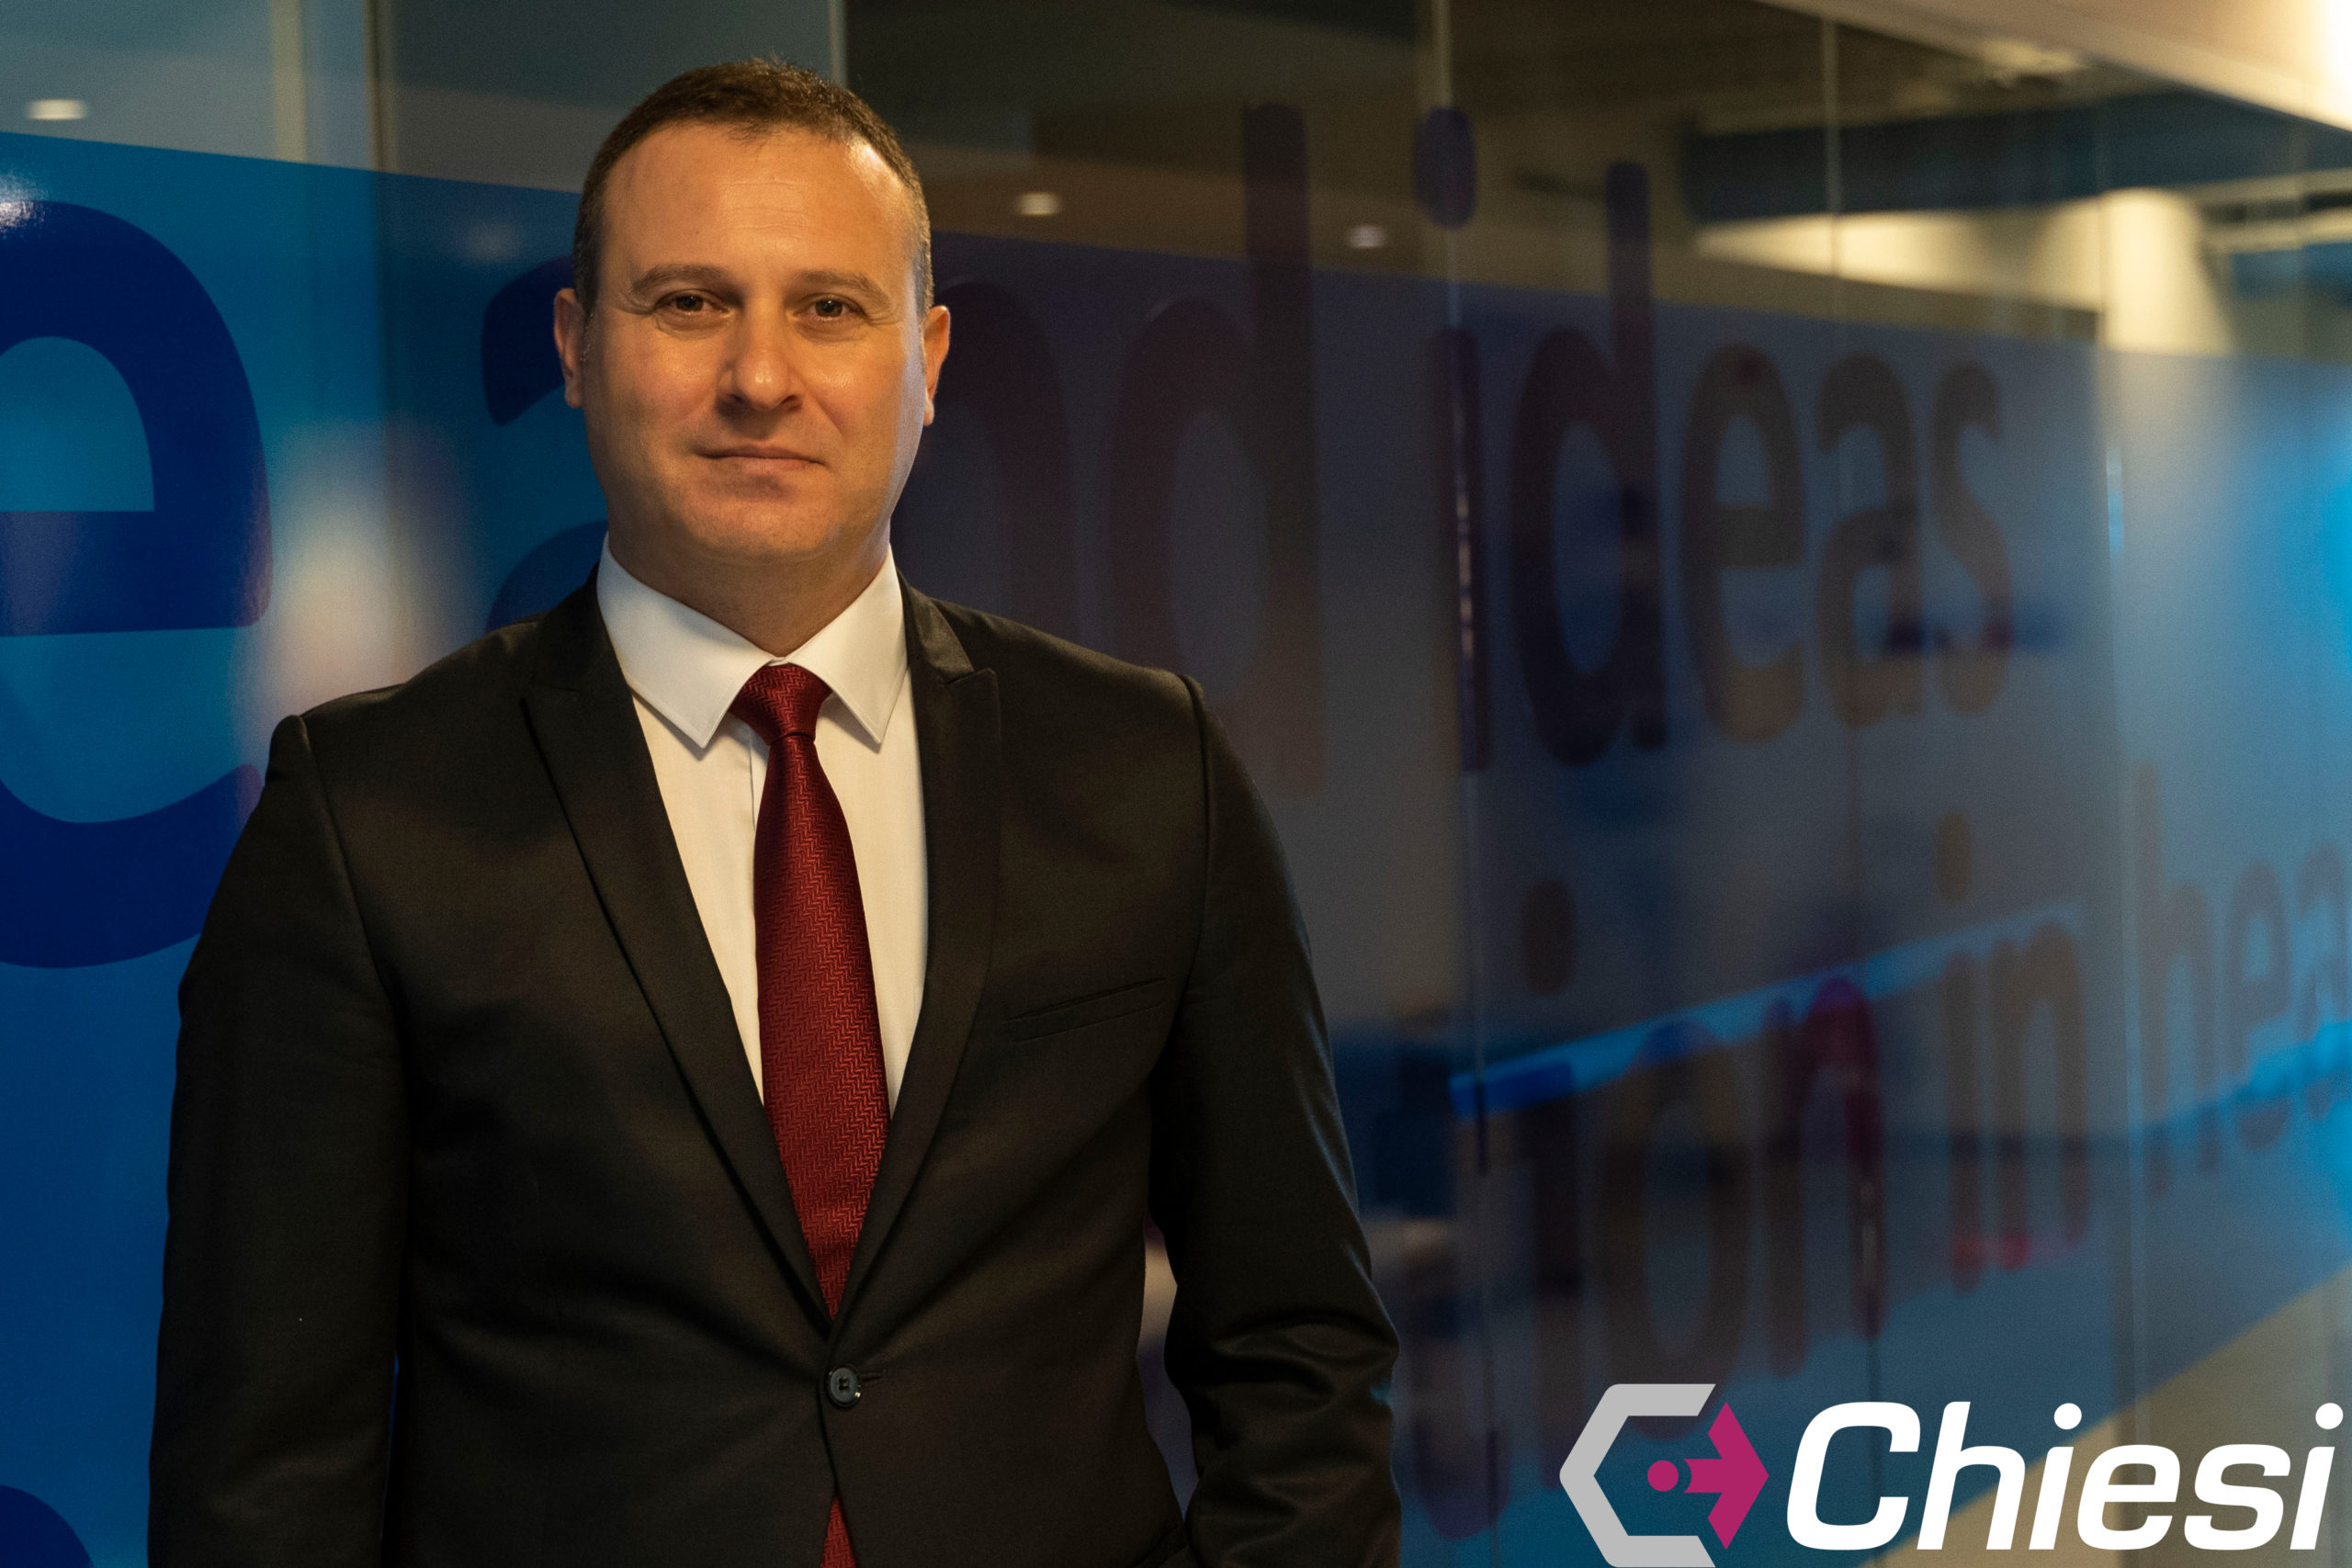 Emre Kara, 2003 yılında İstanbul Üniversitesi Tıp Fakültesi'nden mezun oldu, ardından Koç Üniversitesi'nde Executive MBA eğitimini tamamladı.